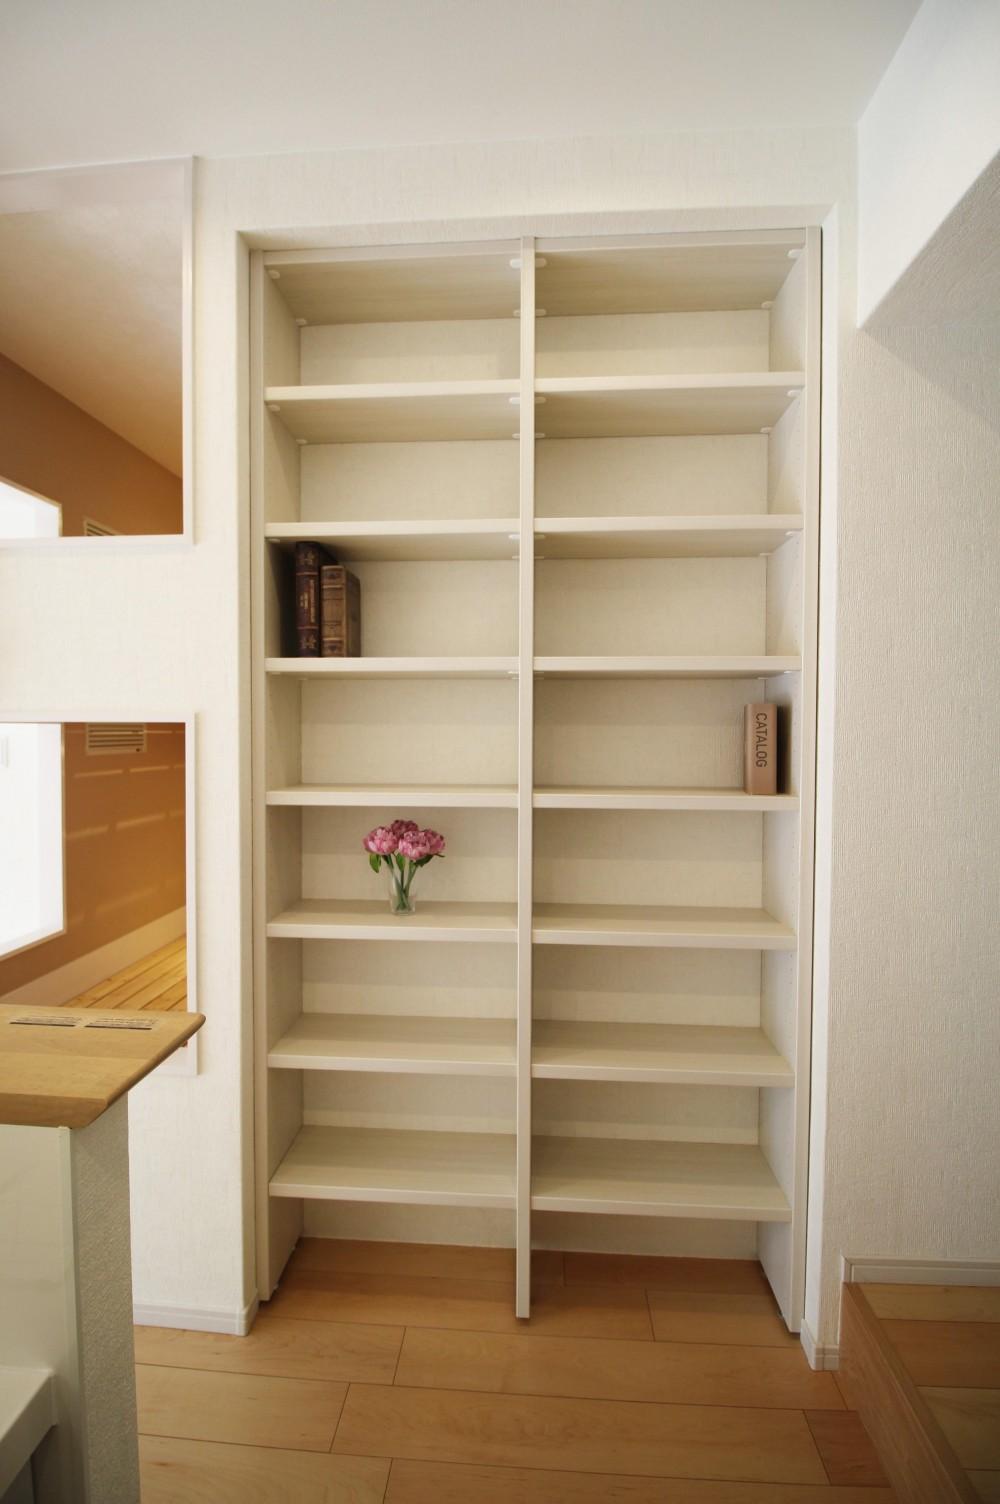 造作家具で壁面スッキリ、オンリーワンの広々なLDK (壁面収納でスッキリ書棚)